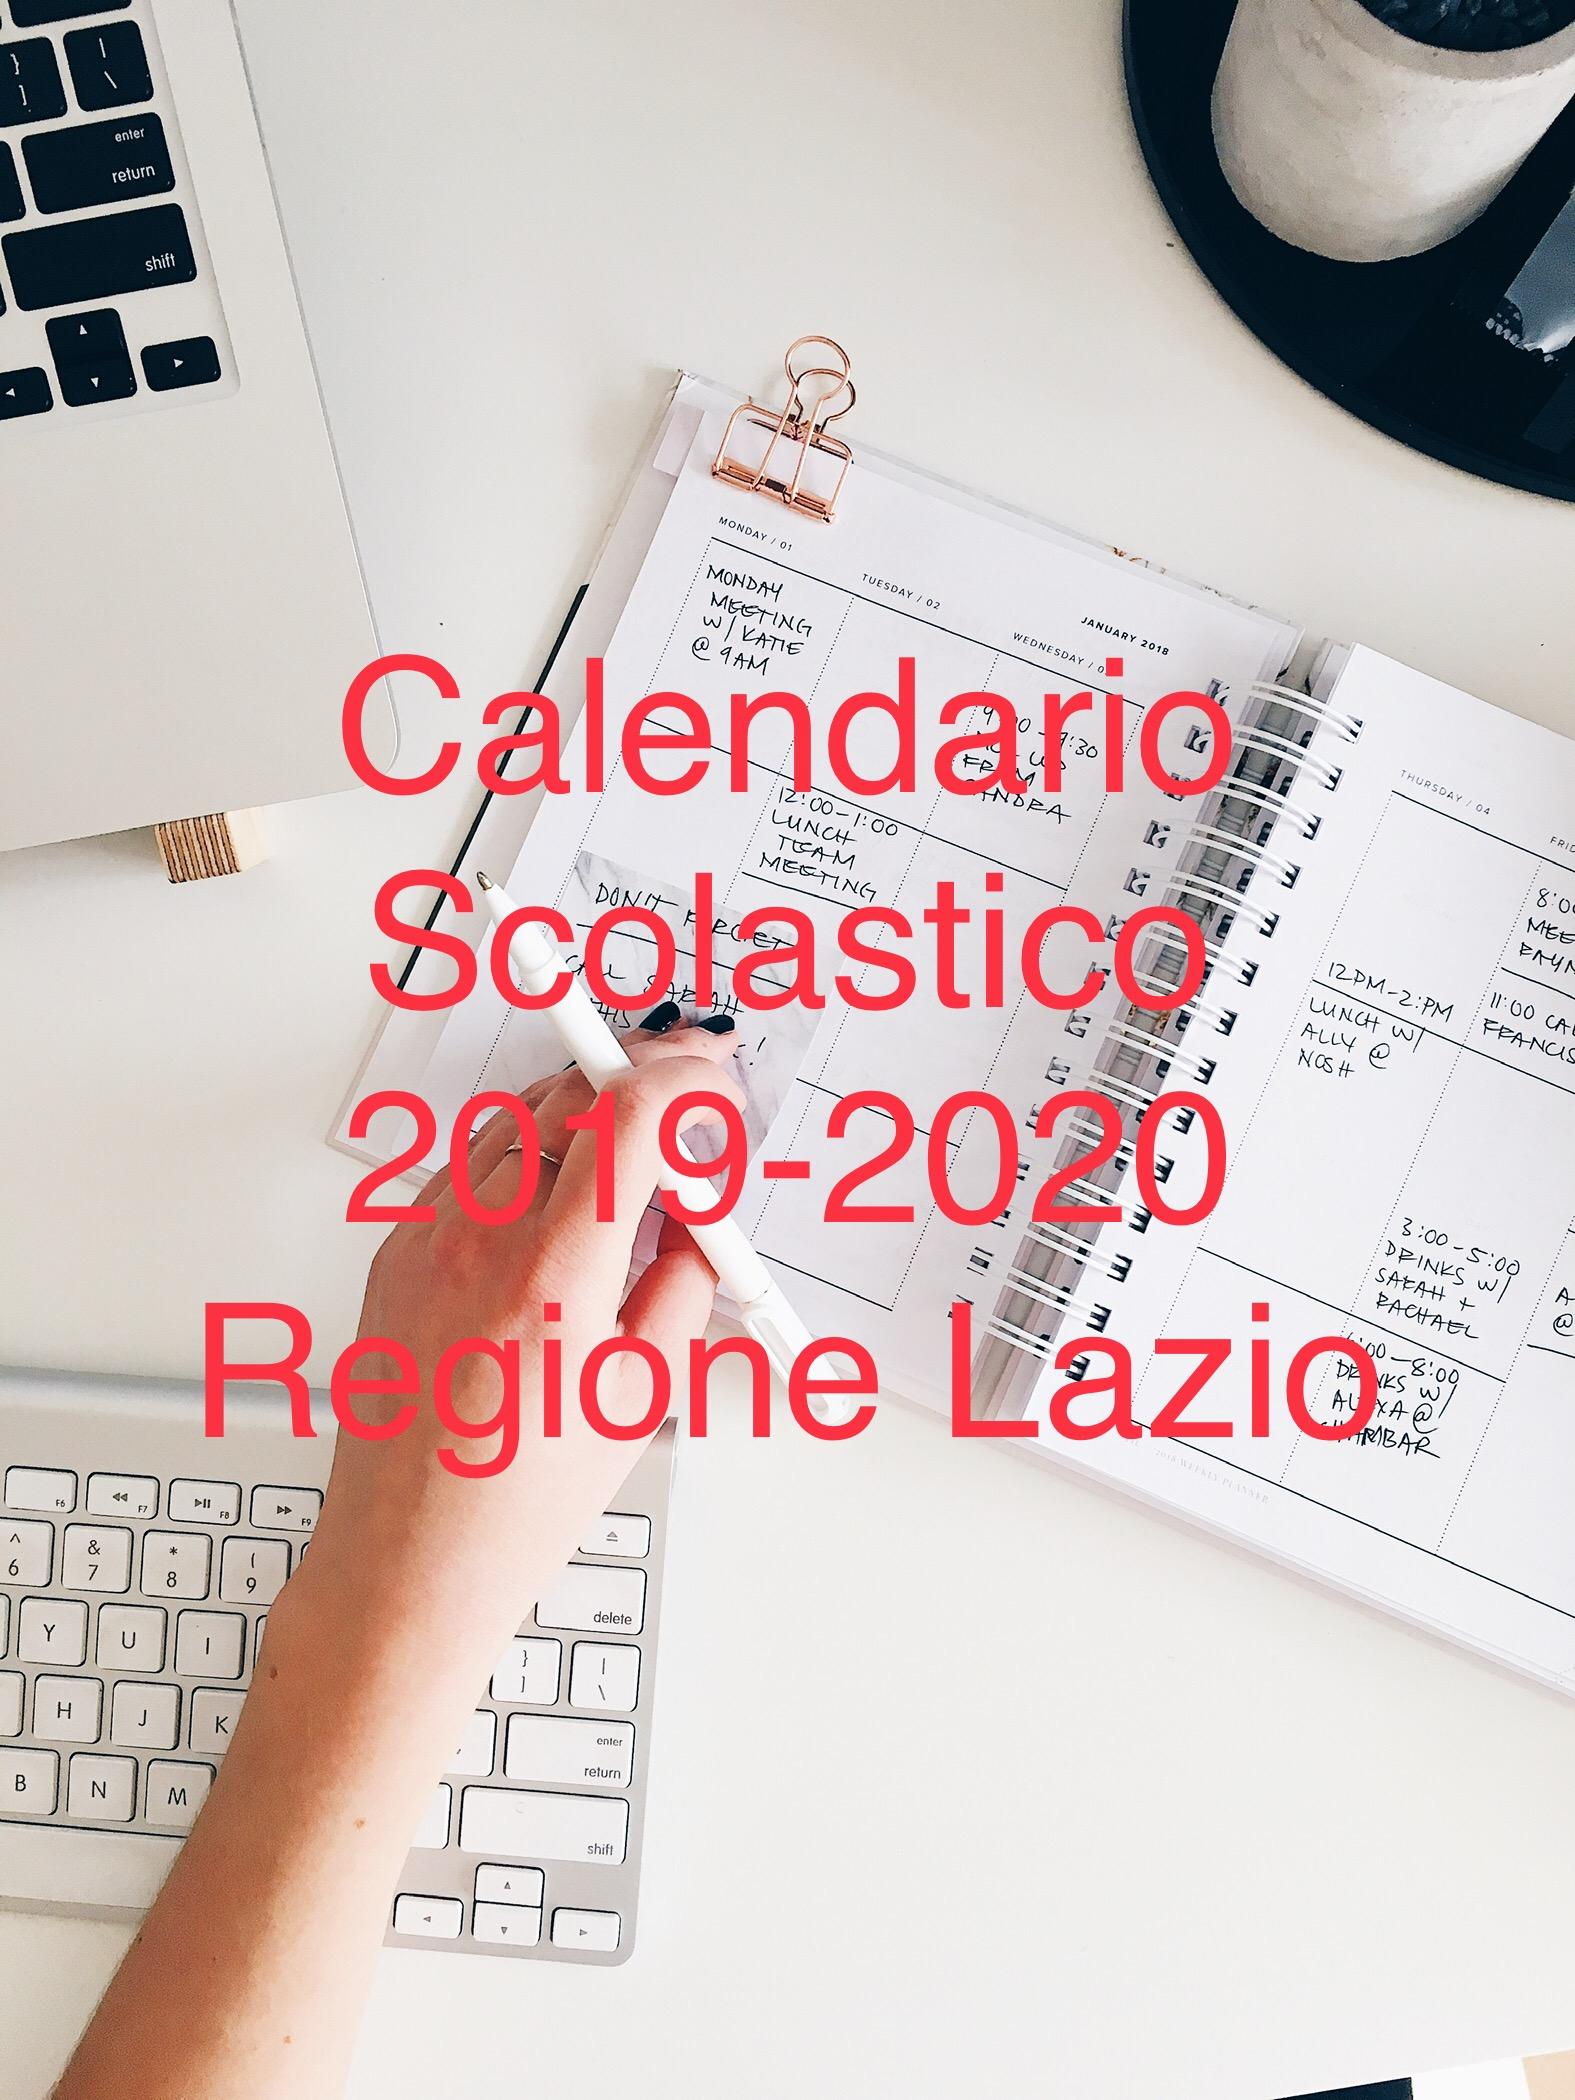 Calendario Scolastico Lazio 2020 18.Calendario Scolastico 2019 2020 Regione Lazio Flp Scuola Roma